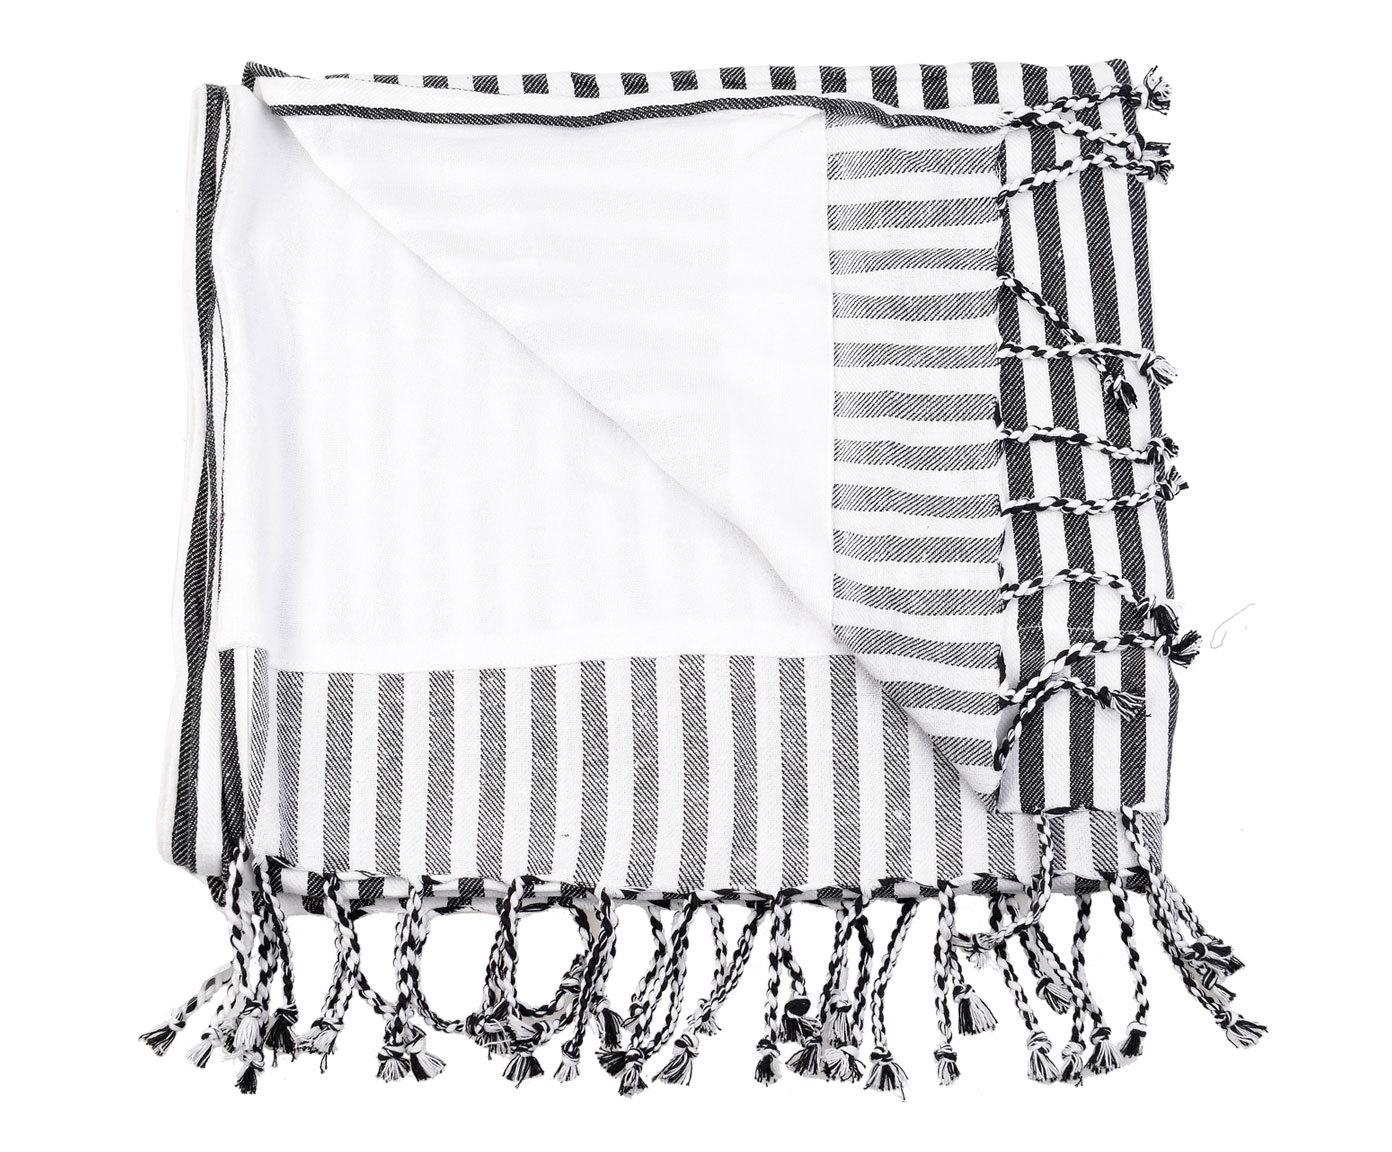 Полотенце WestroПляжные полотенца<br><br><br>Material: Хлопок